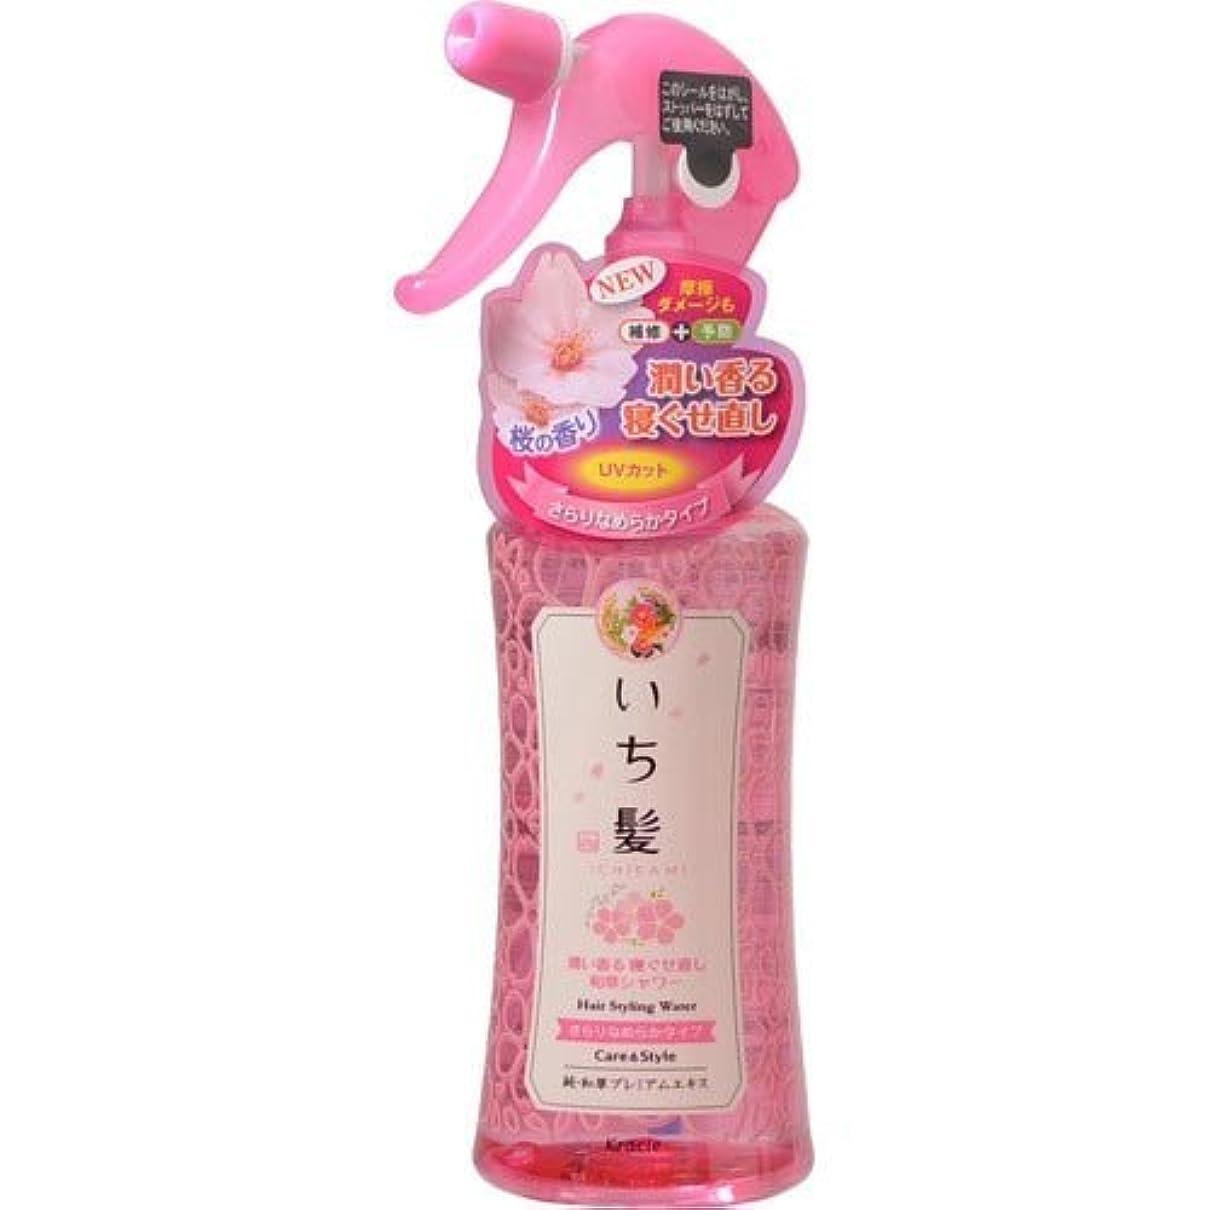 順応性香水鼻いち髪 潤い香る寝ぐせ直し和草シャワー さらりなめらかタイプ 250mL [並行輸入品]